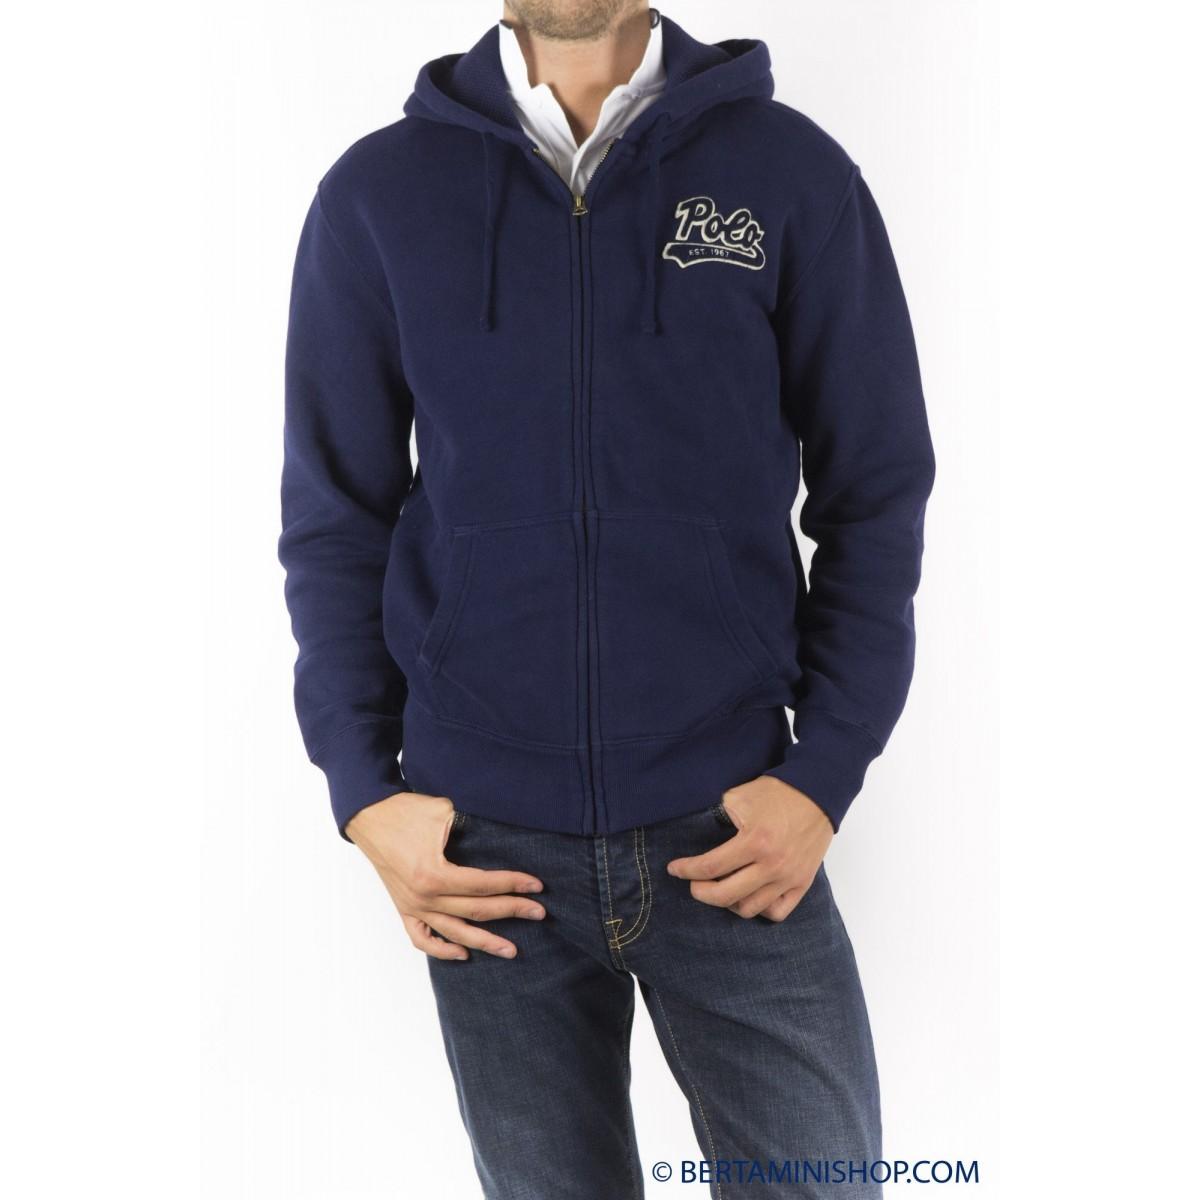 Sweatshirt Ralph Lauren Herren - A14Kyingbbiba A4560 - Blu navy